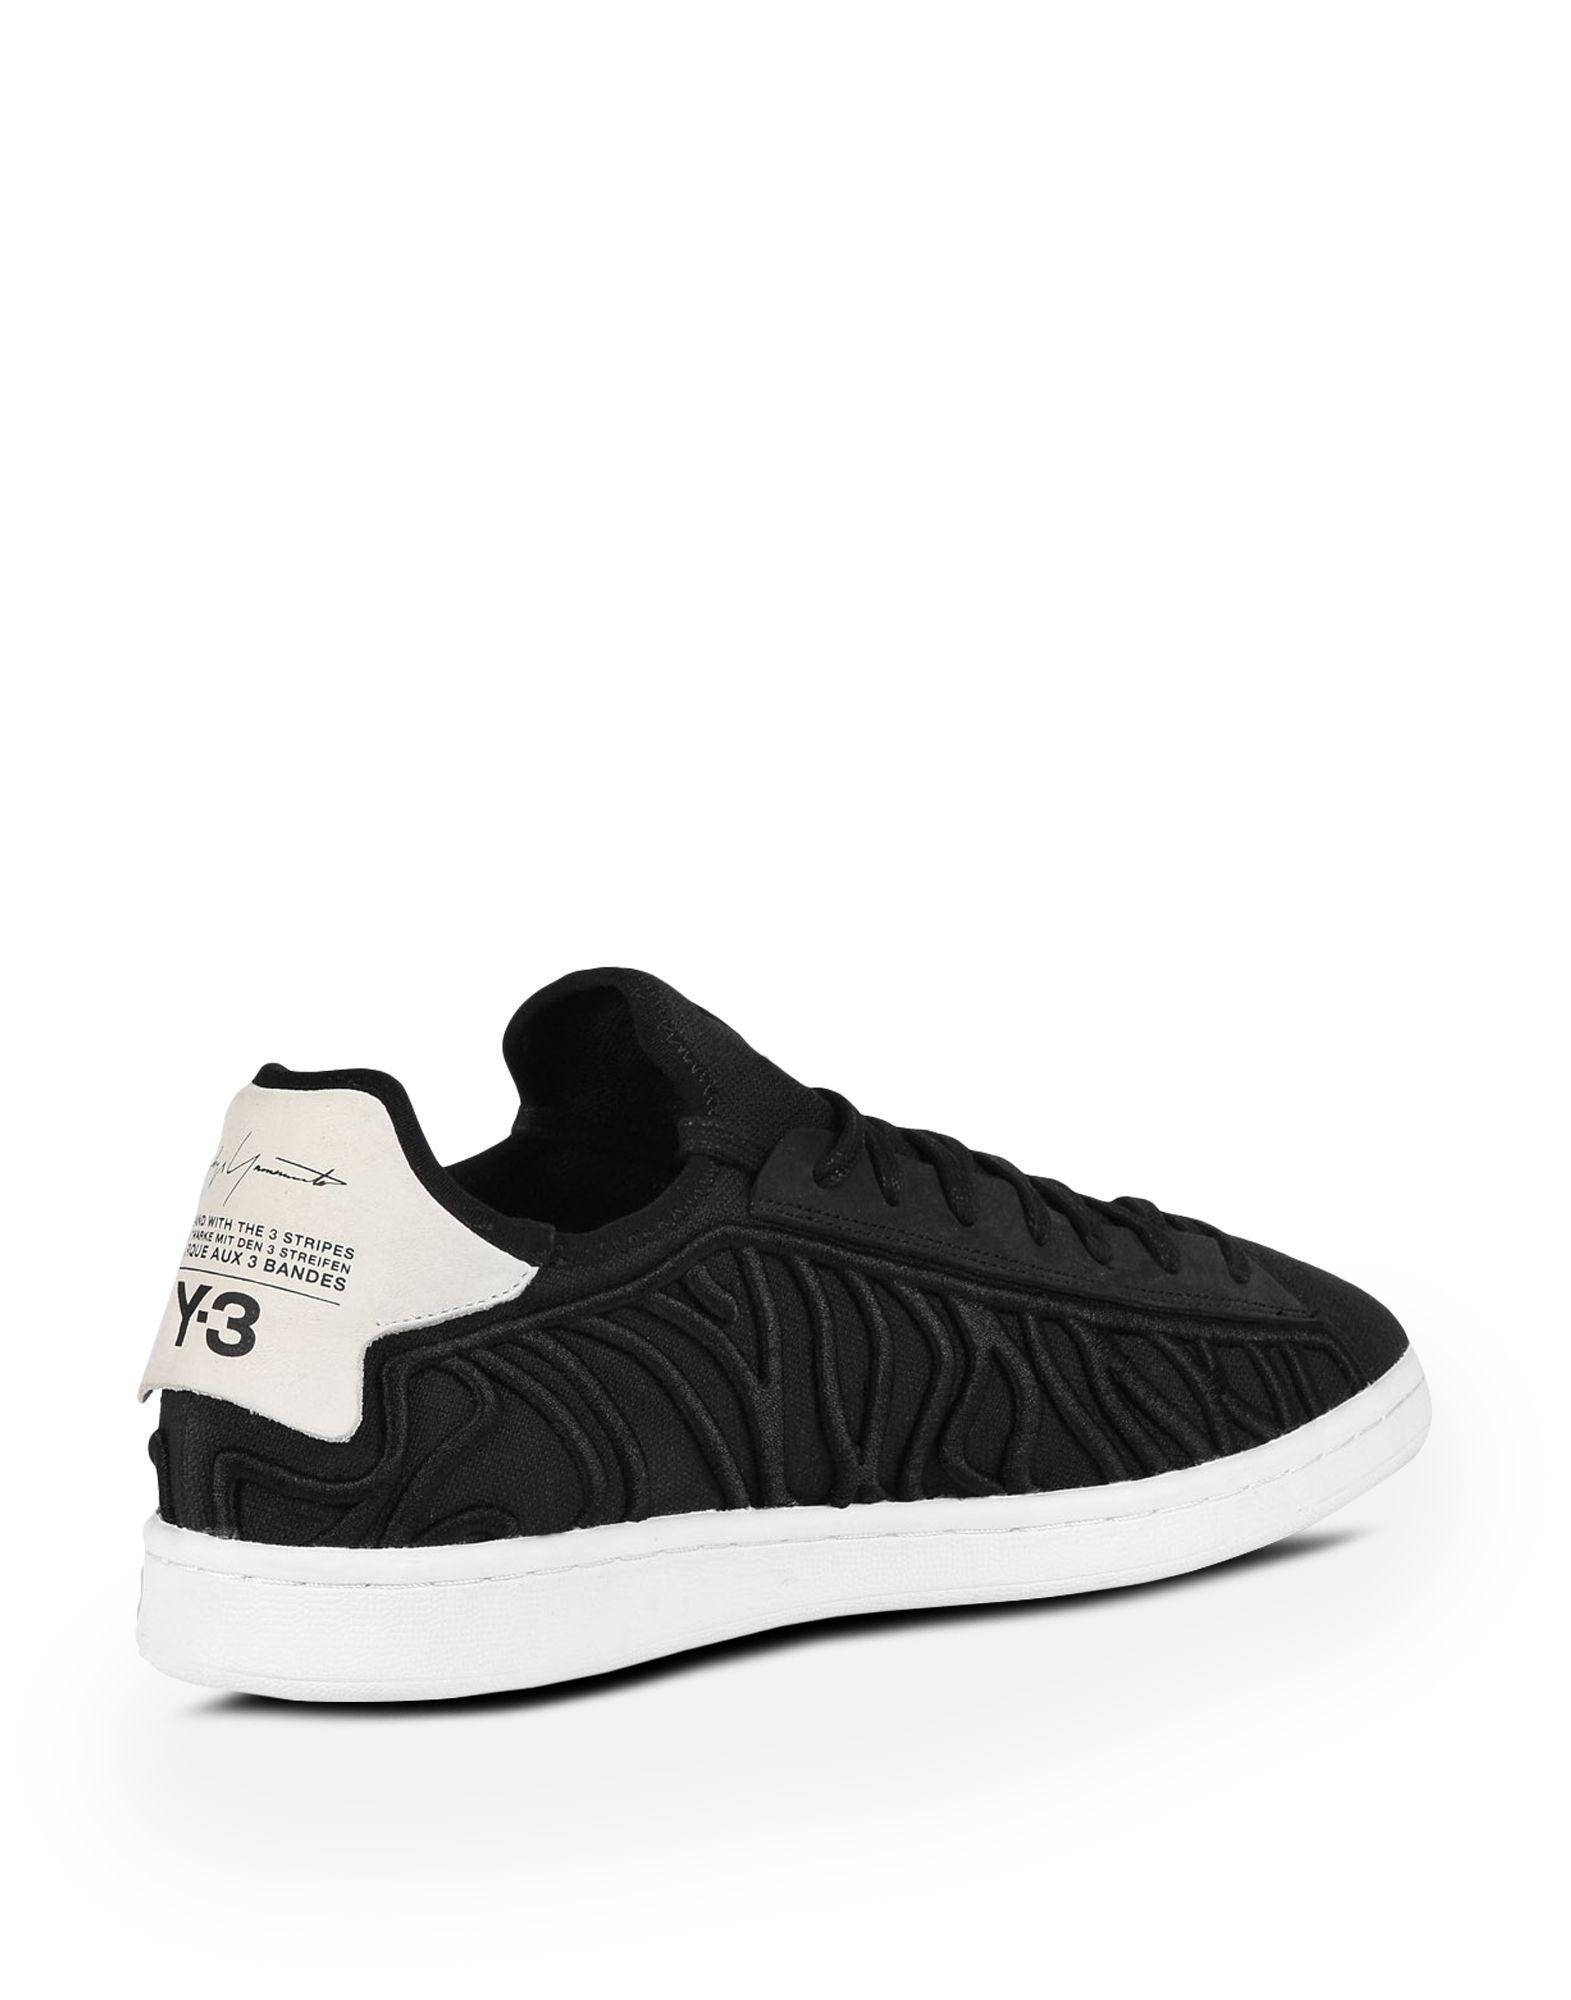 adidas streifen 3 scarpe